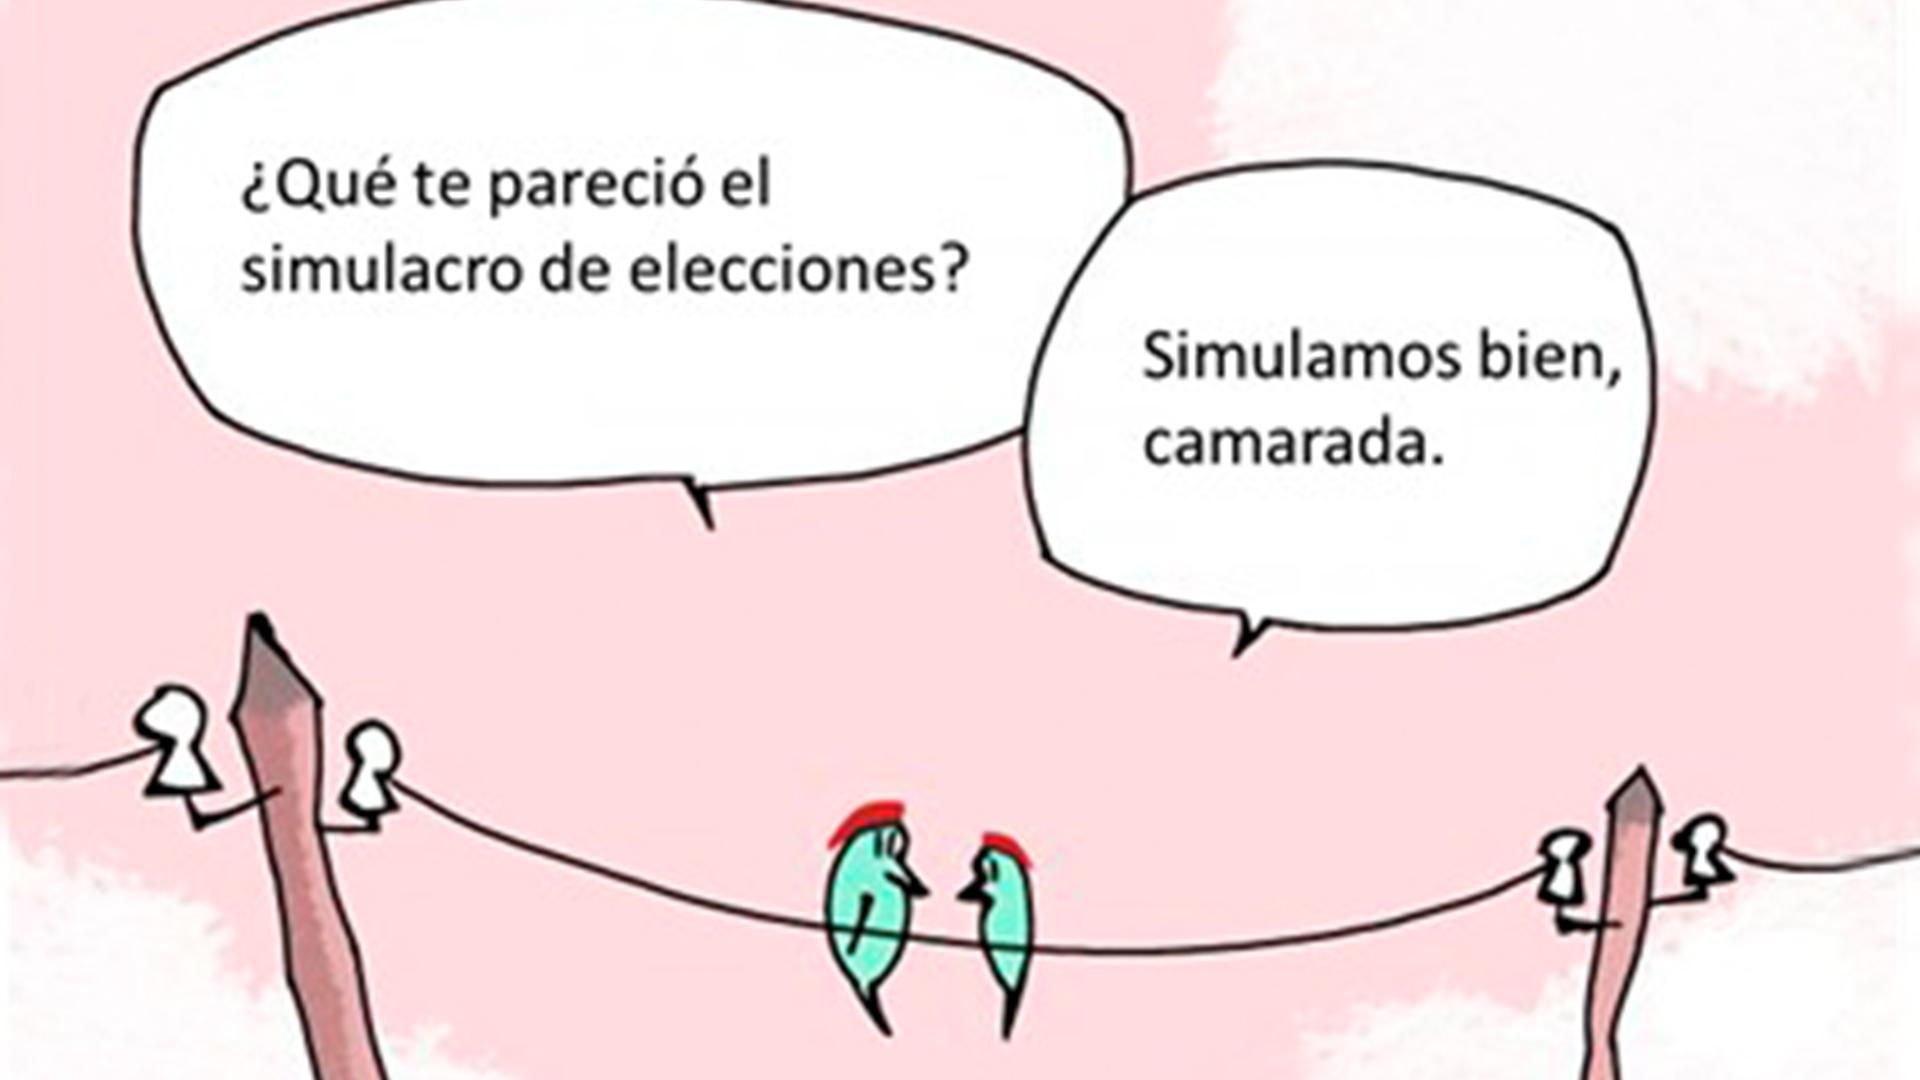 #Top10Humor | Algunos comentarios no escuchados en el simulacro de elecciones legislativas, por Víctor J. Ochoa S.